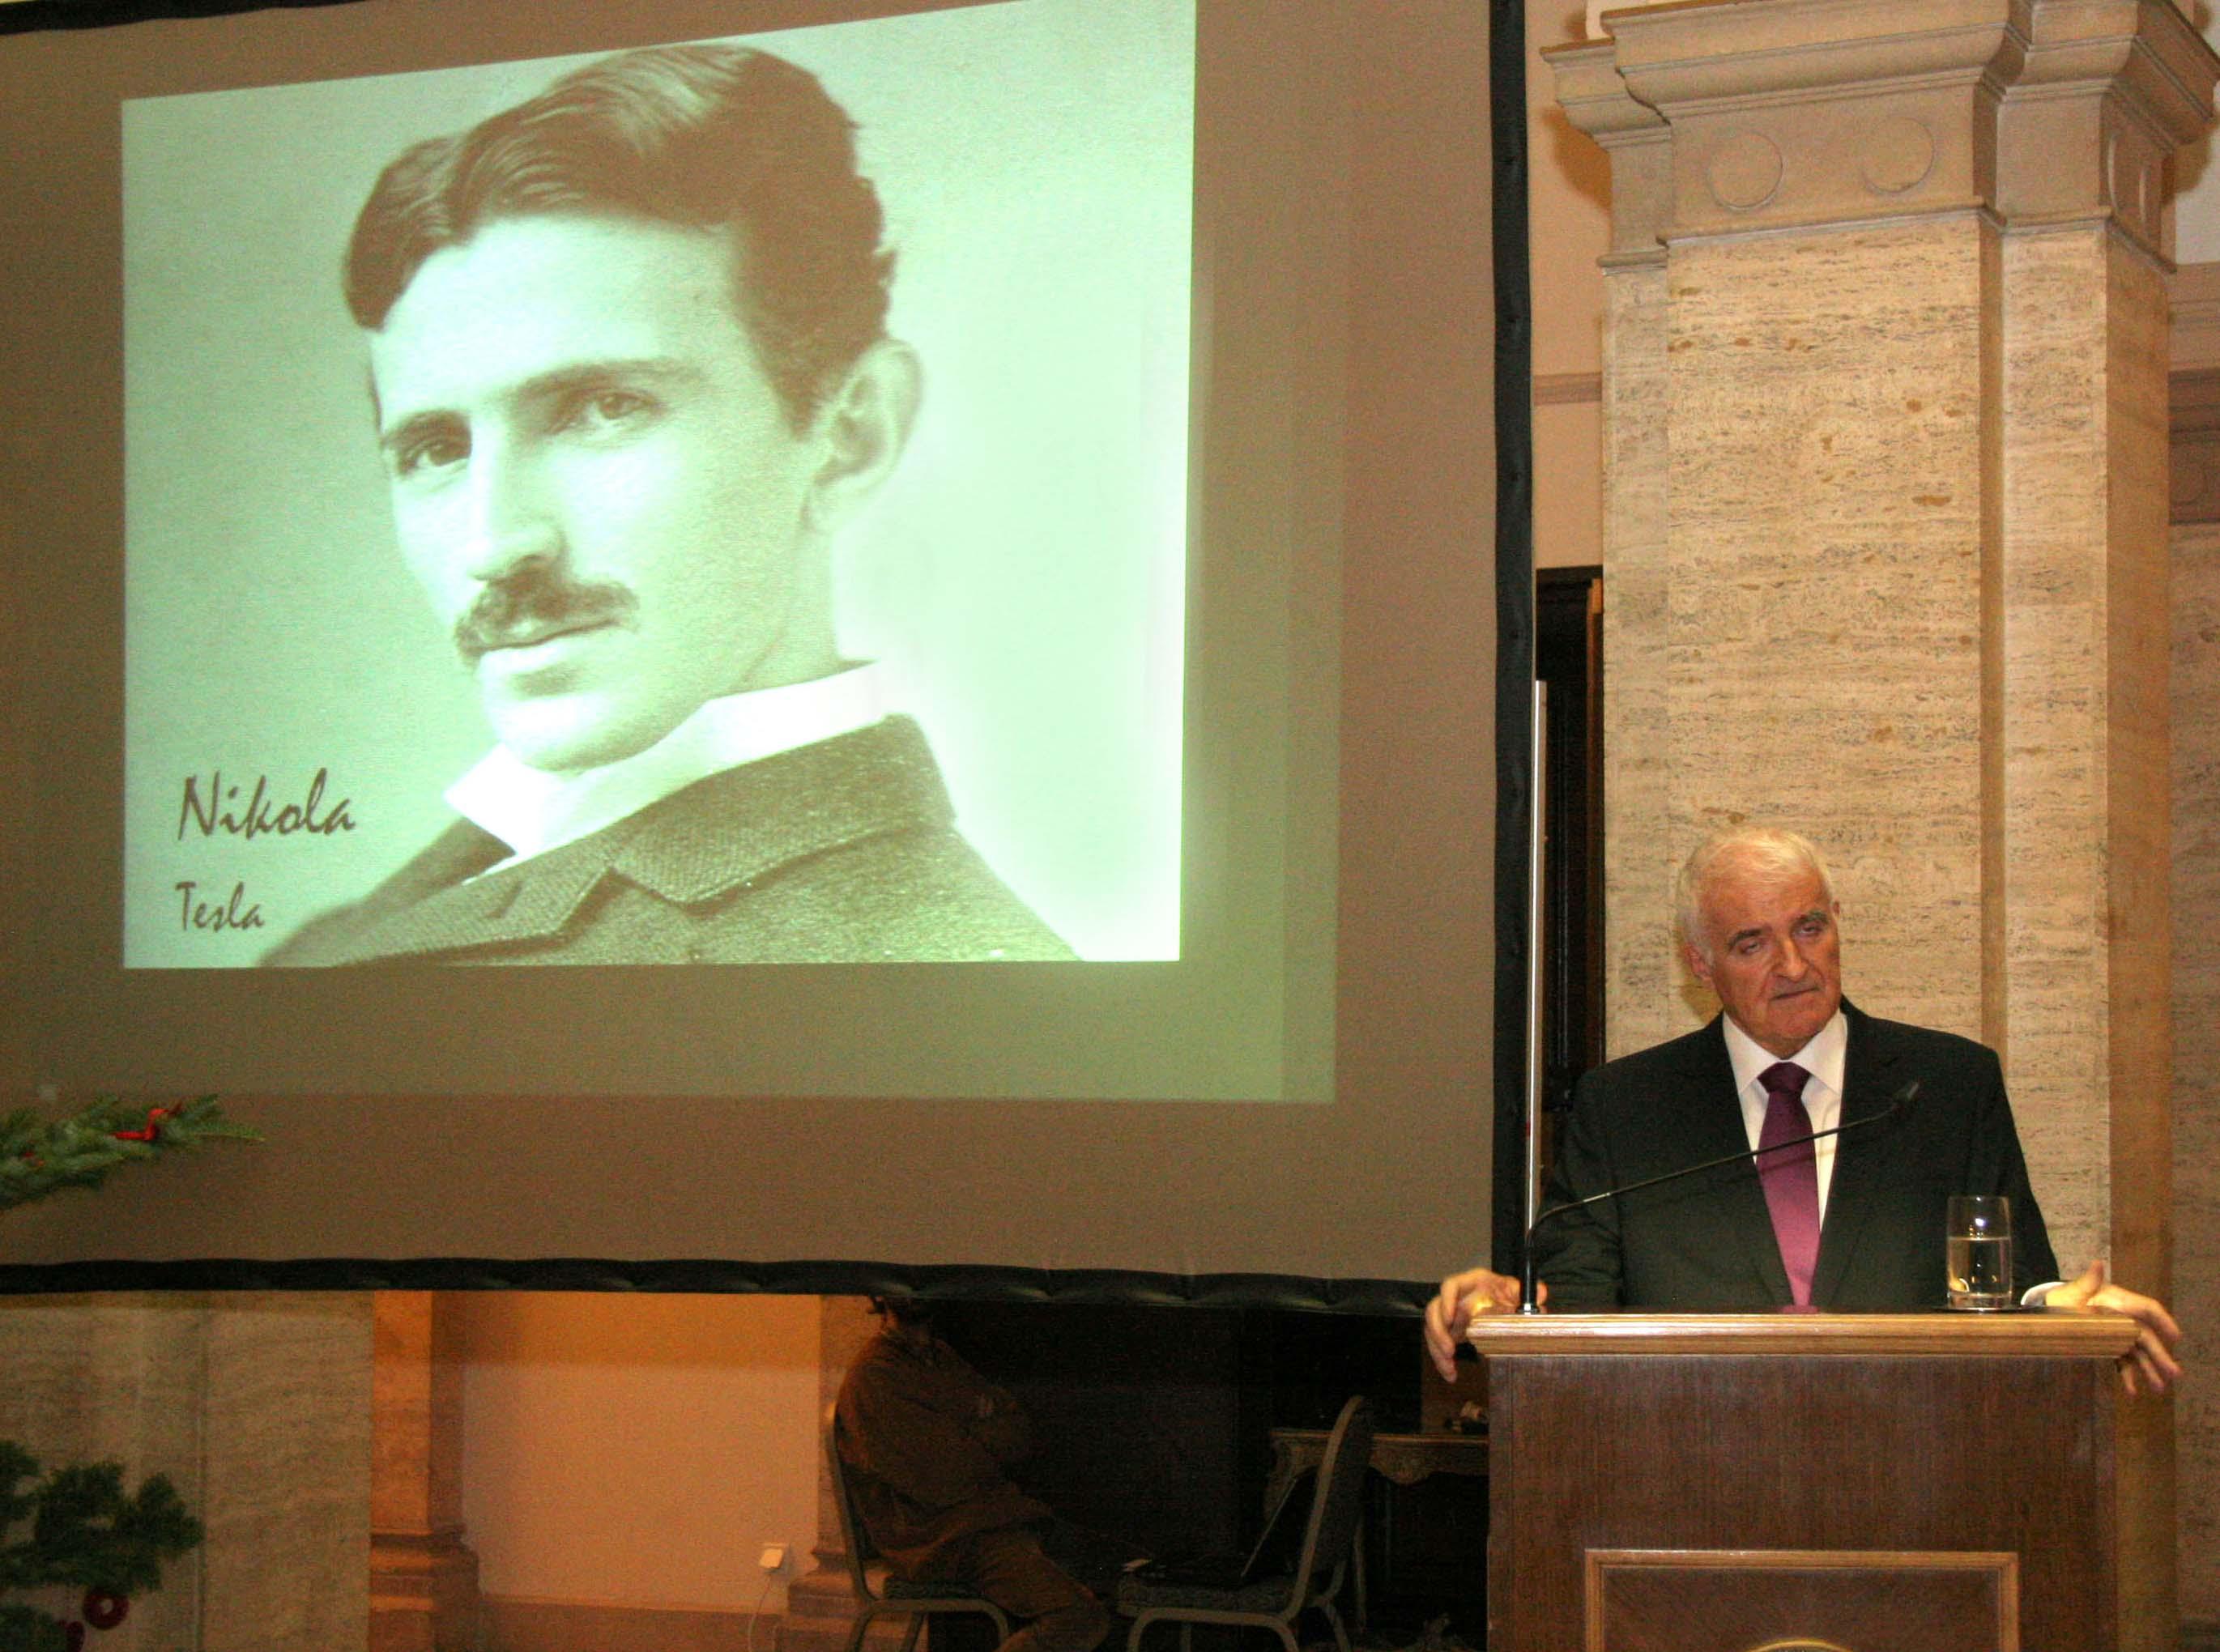 Izjava predsjednika HAZU povodom 160. godišnjice rođenja Nikole Tesle